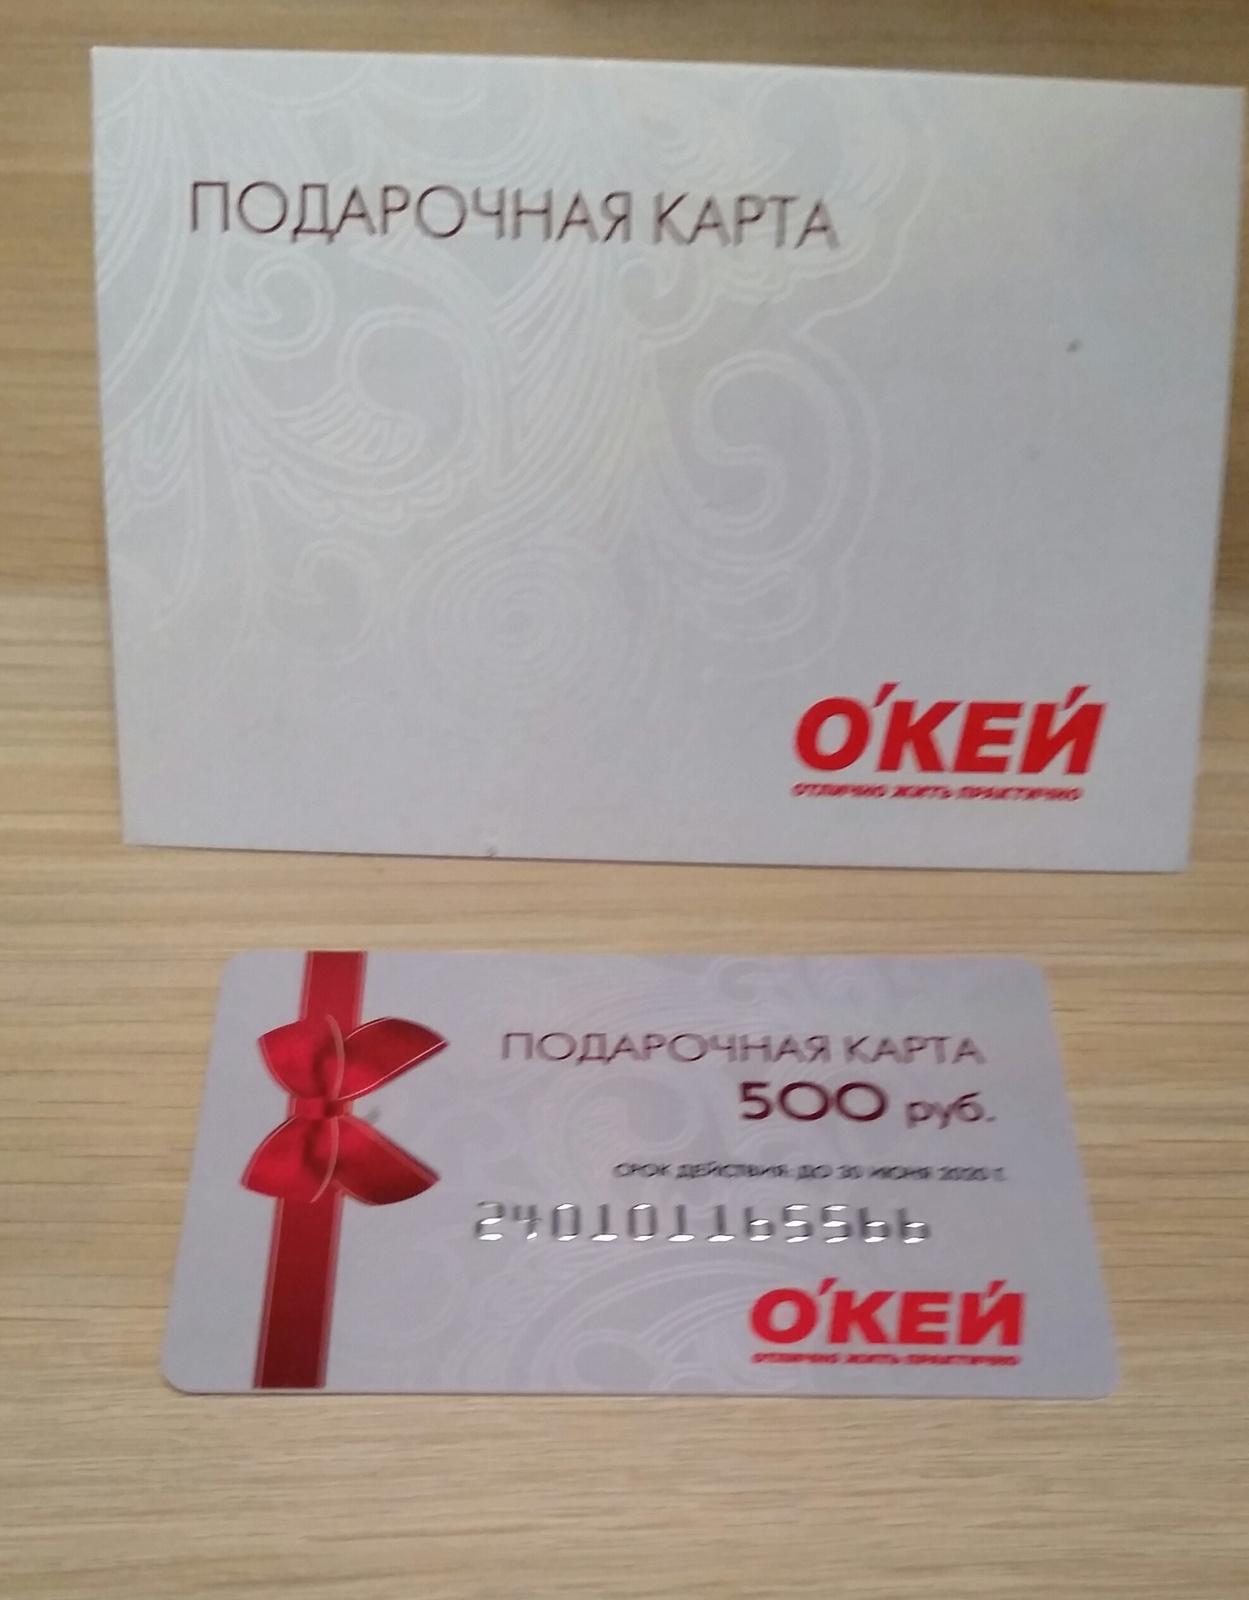 podarochnye karty okej nominaly sertifikatov pokupka aktivaciya i ispolzovanie